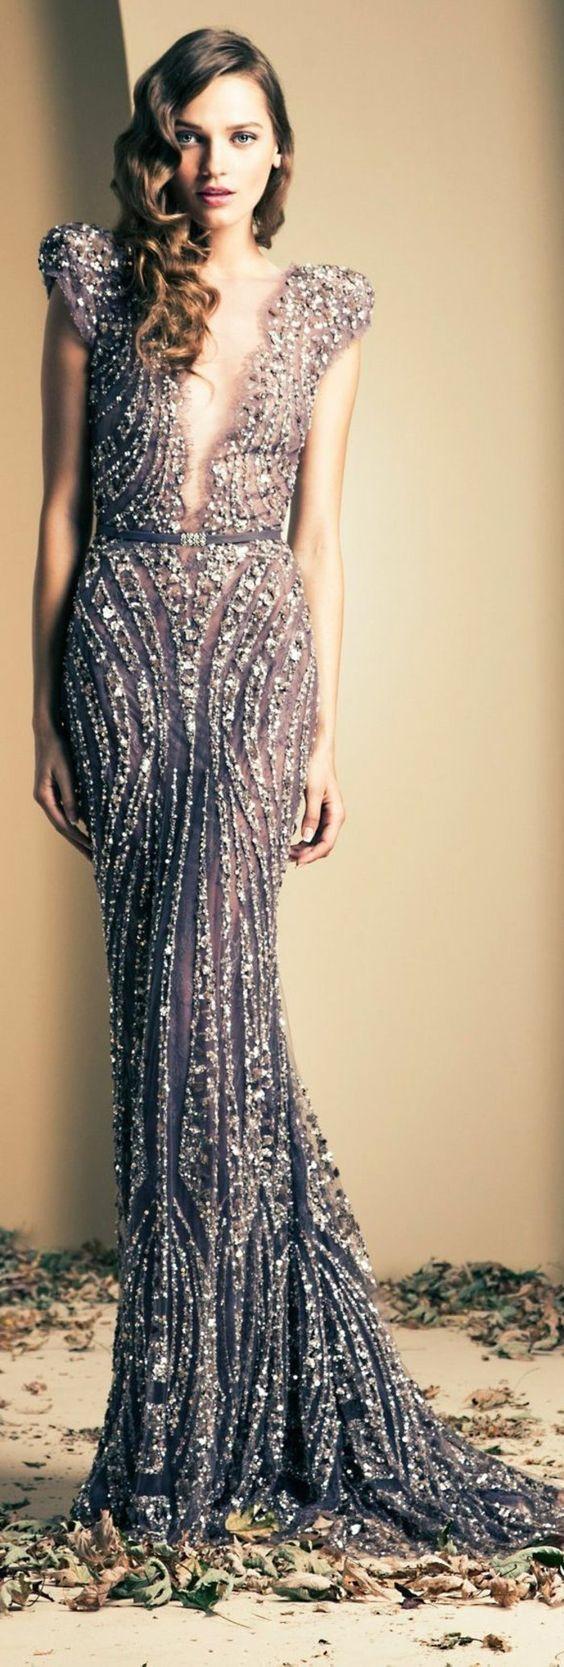 Robe Dubai moderne. Robe Dubai et libanaise grise en dentelle. Robe de soirée Dubai et libanaise à louer, vente sur Paris. Belle robe pour mariage ou soirée.